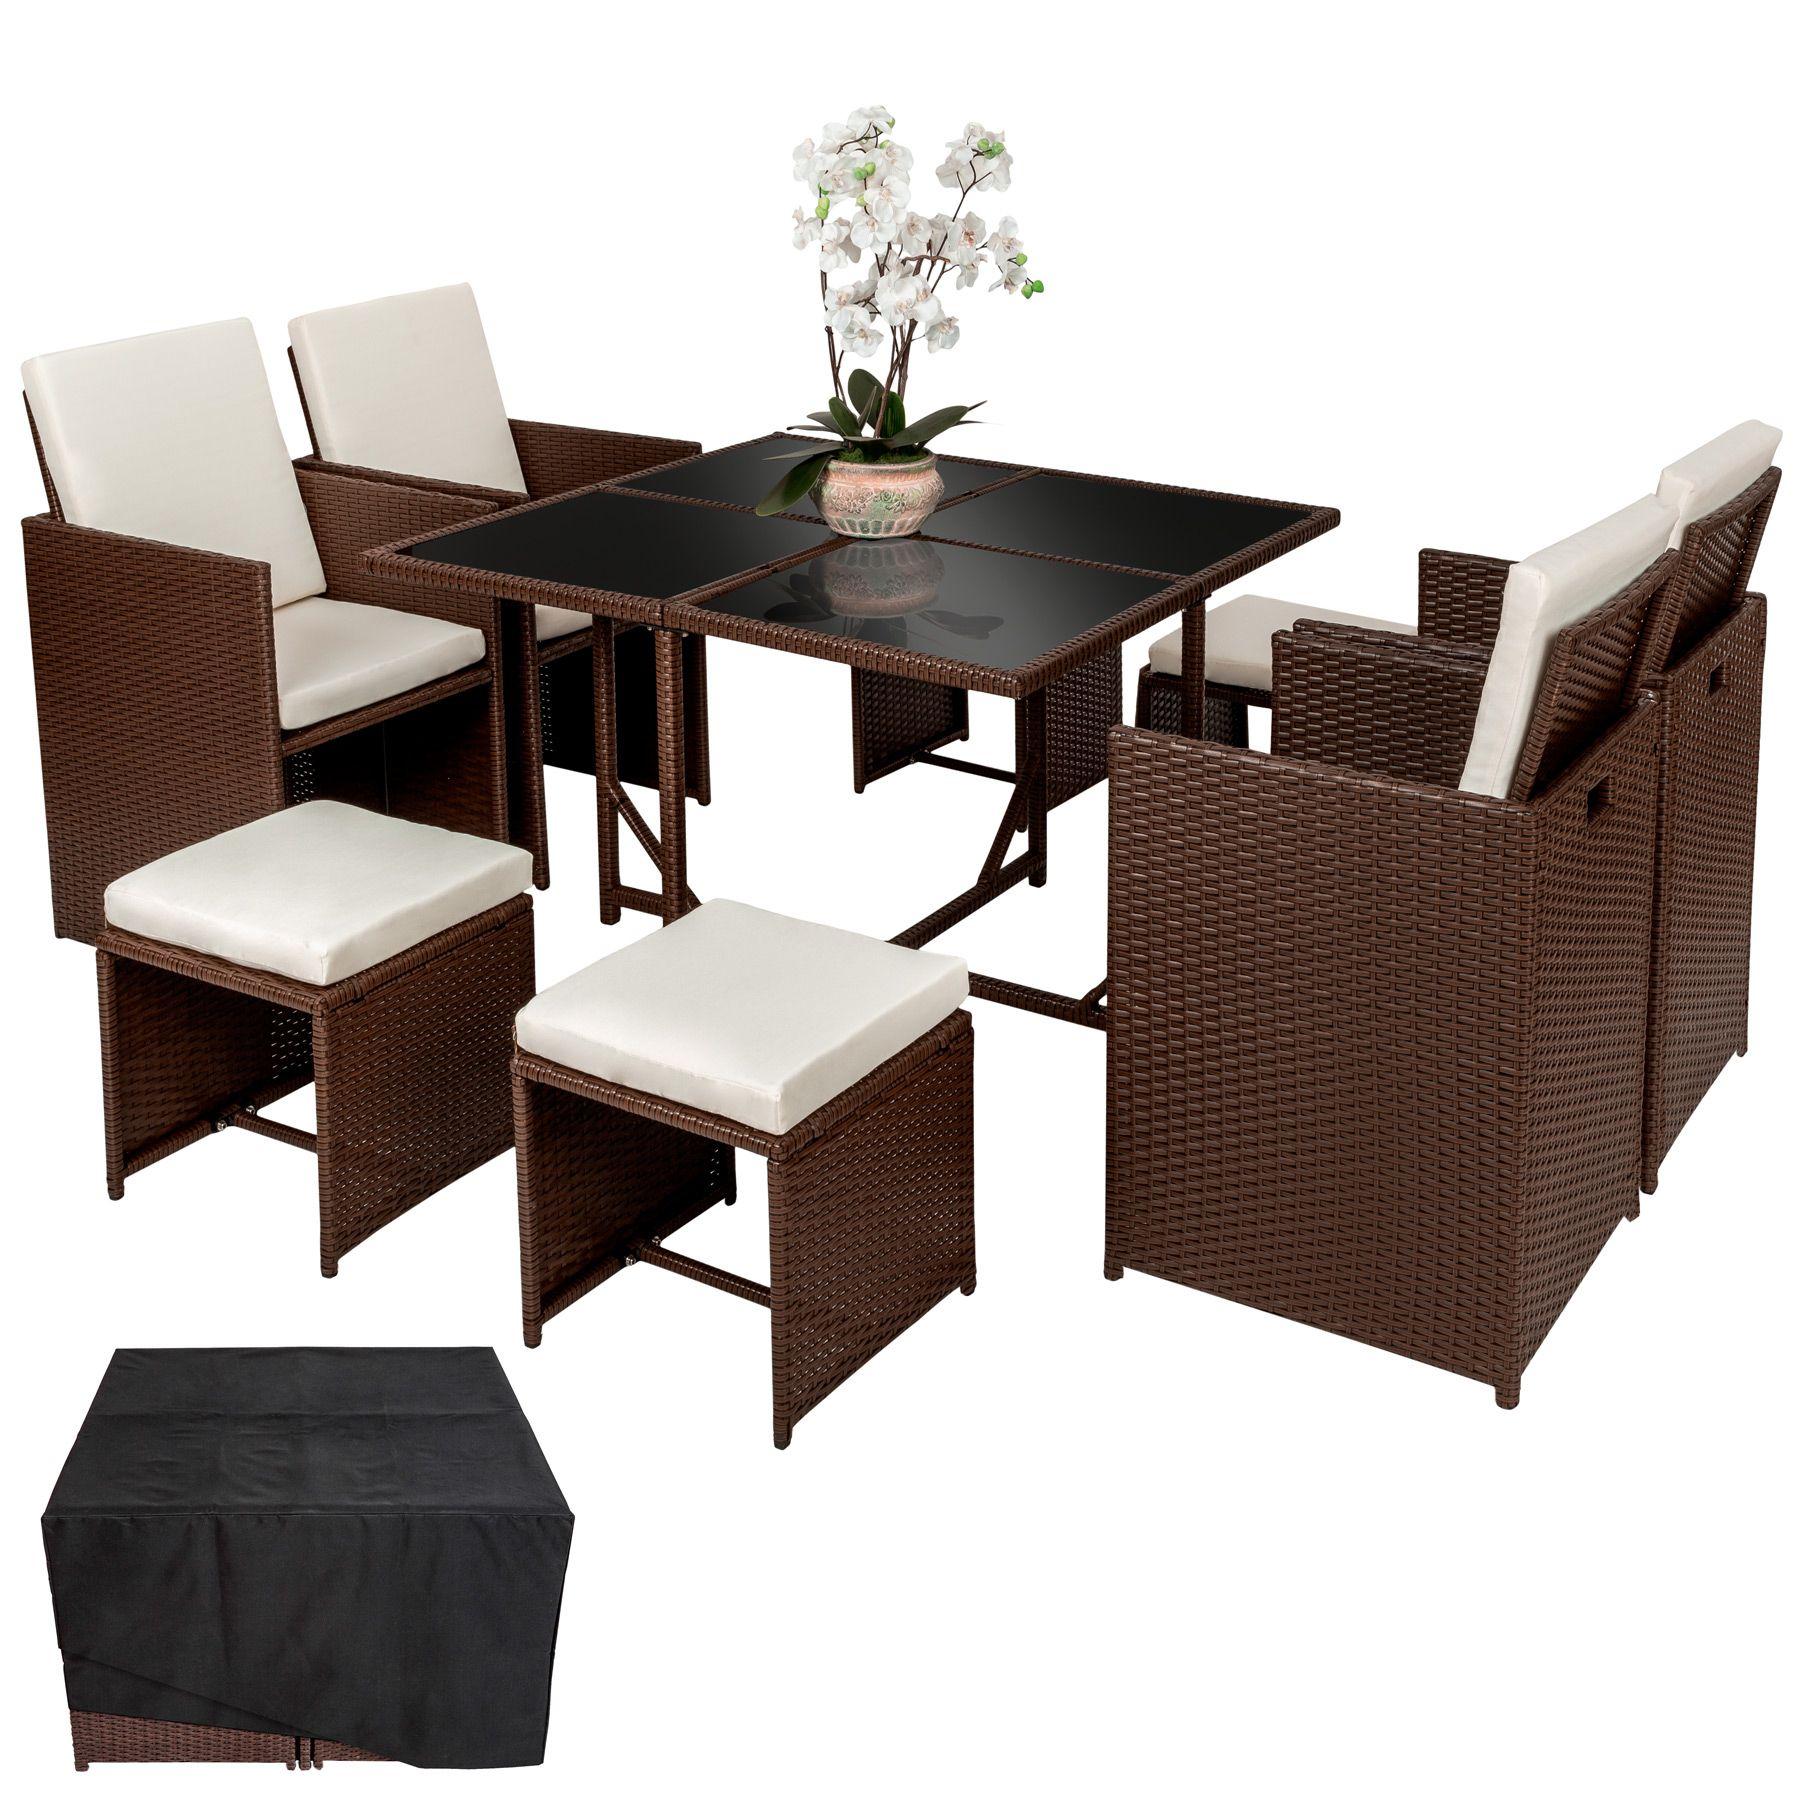 Conjunto muebles de jardín de poliratán sintético sillas taburetes ...